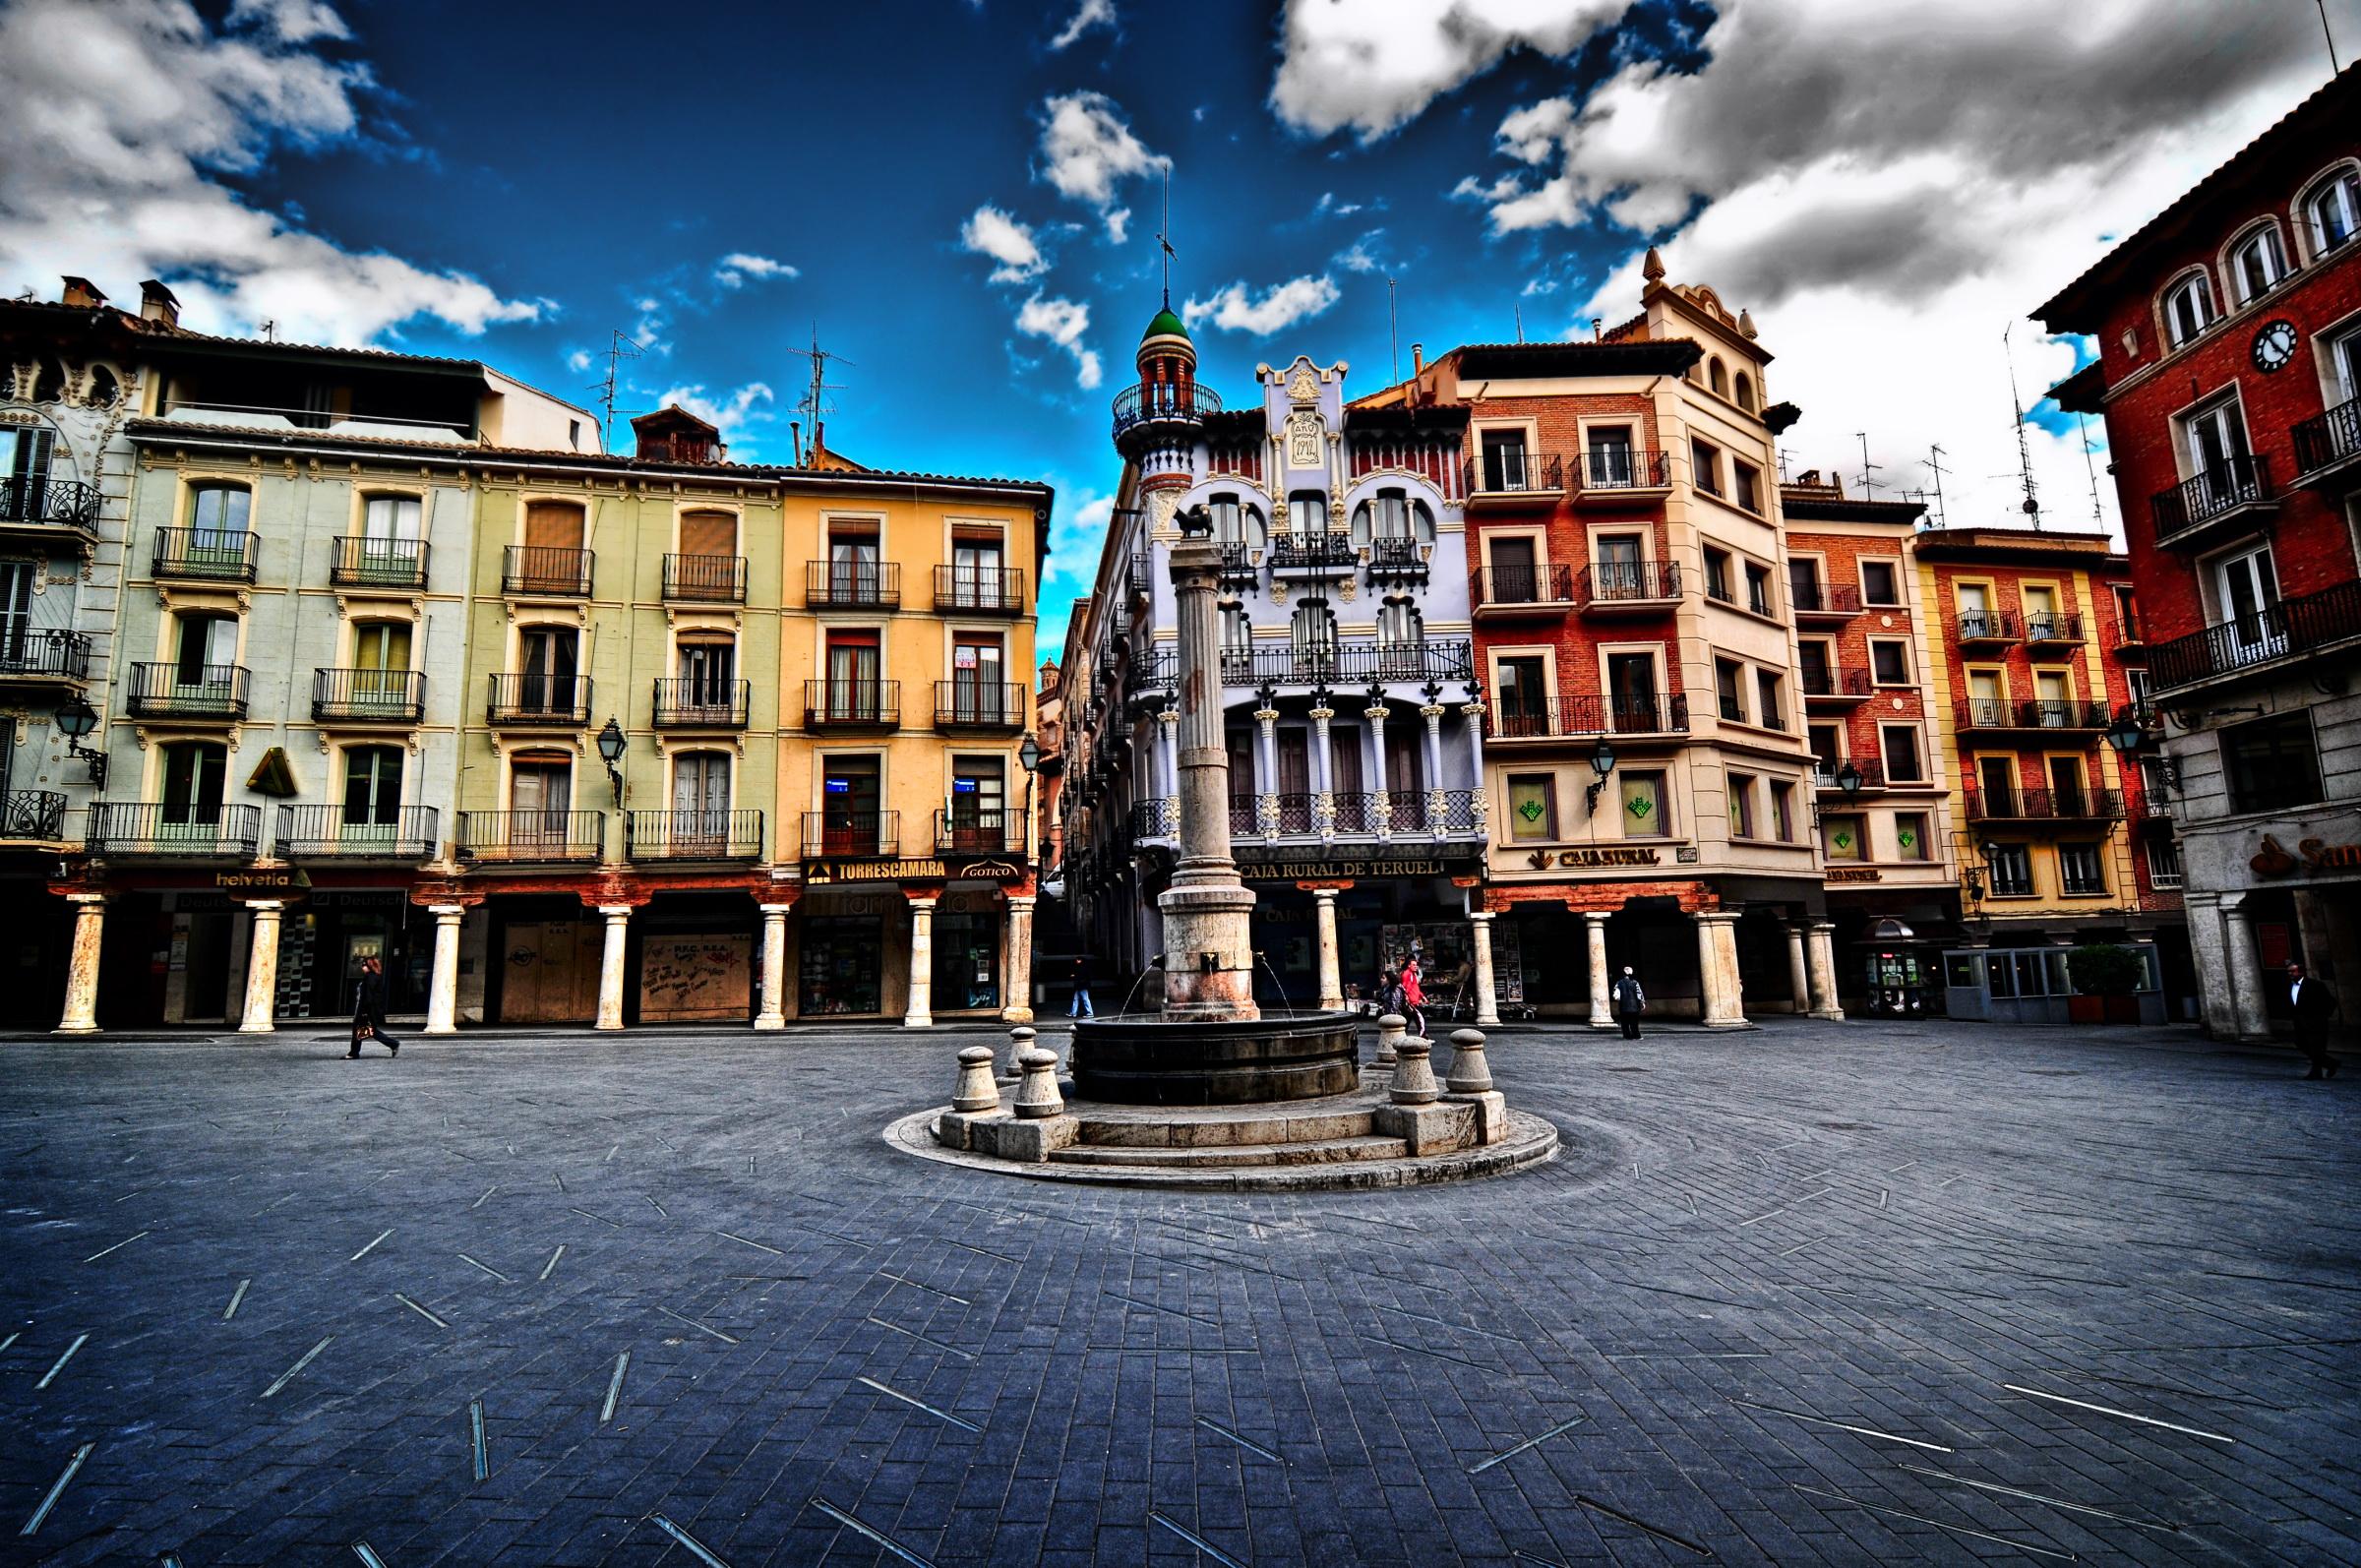 File:Plaza del Torico (Teruel).jpg - Wikimedia Commons